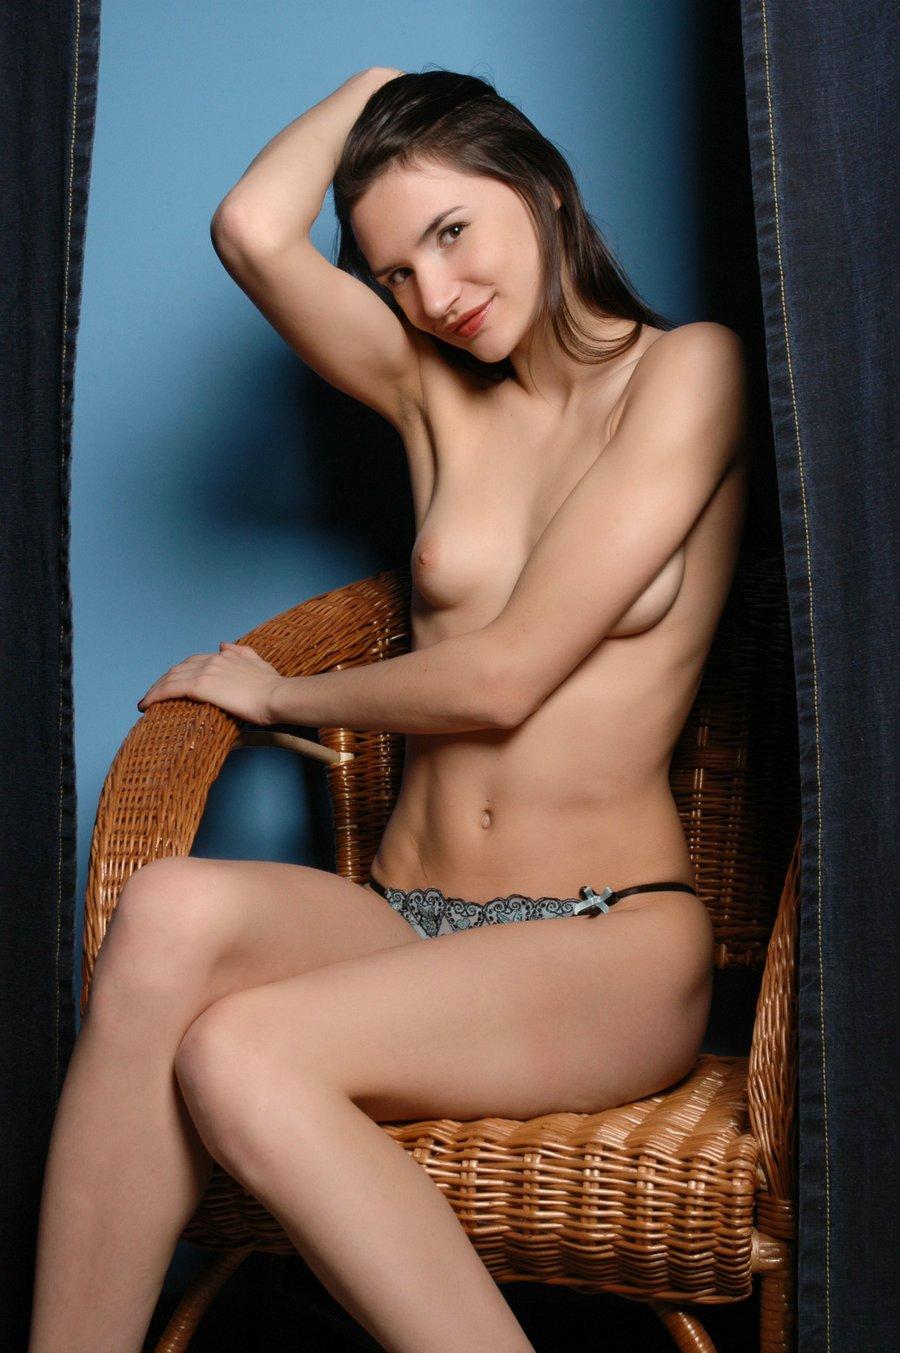 欧美套图_蓝色背景室拍藤椅上的长头发裸模